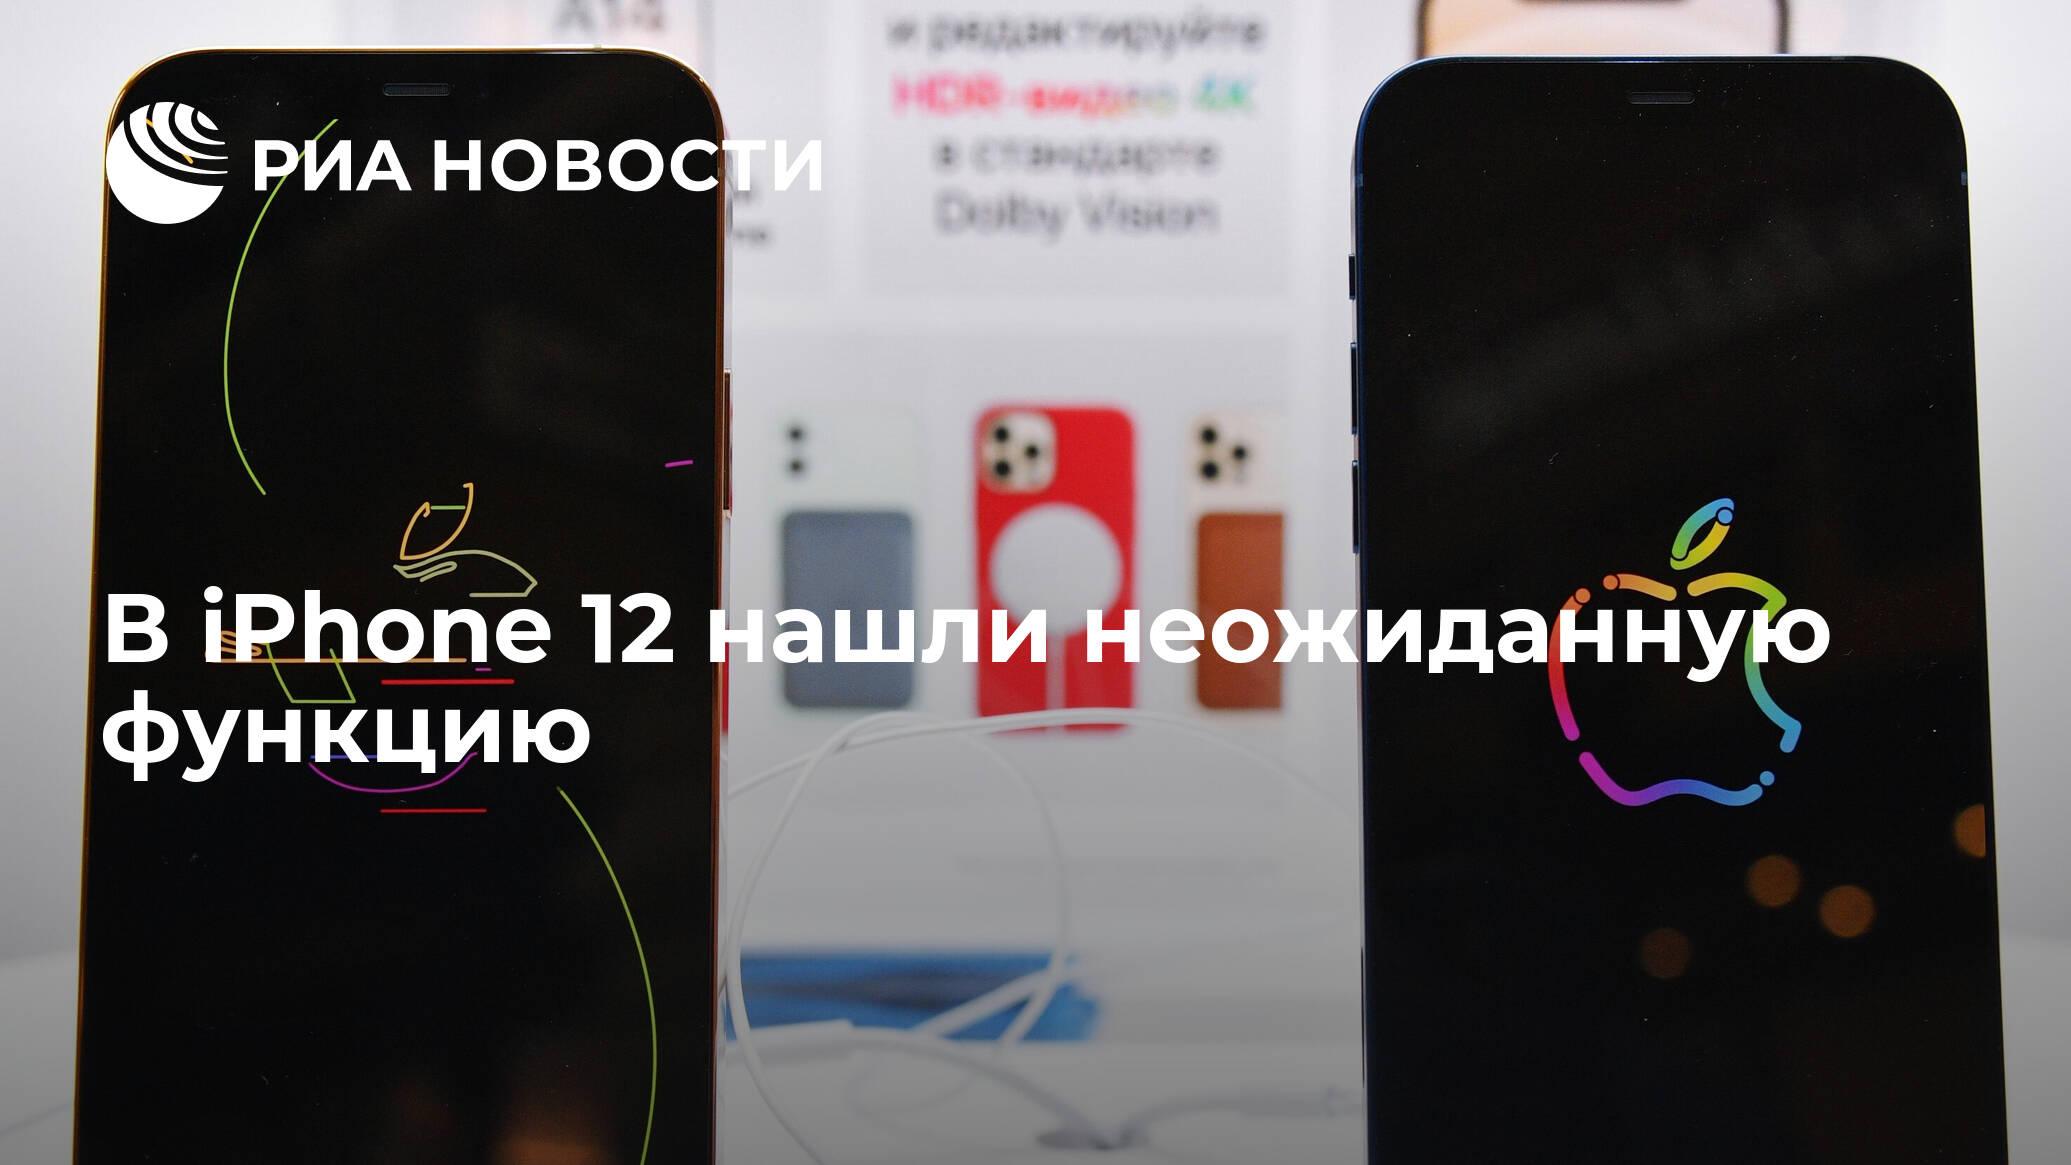 В iPhone 12 нашли неожиданную функцию - РИА НОВОСТИ